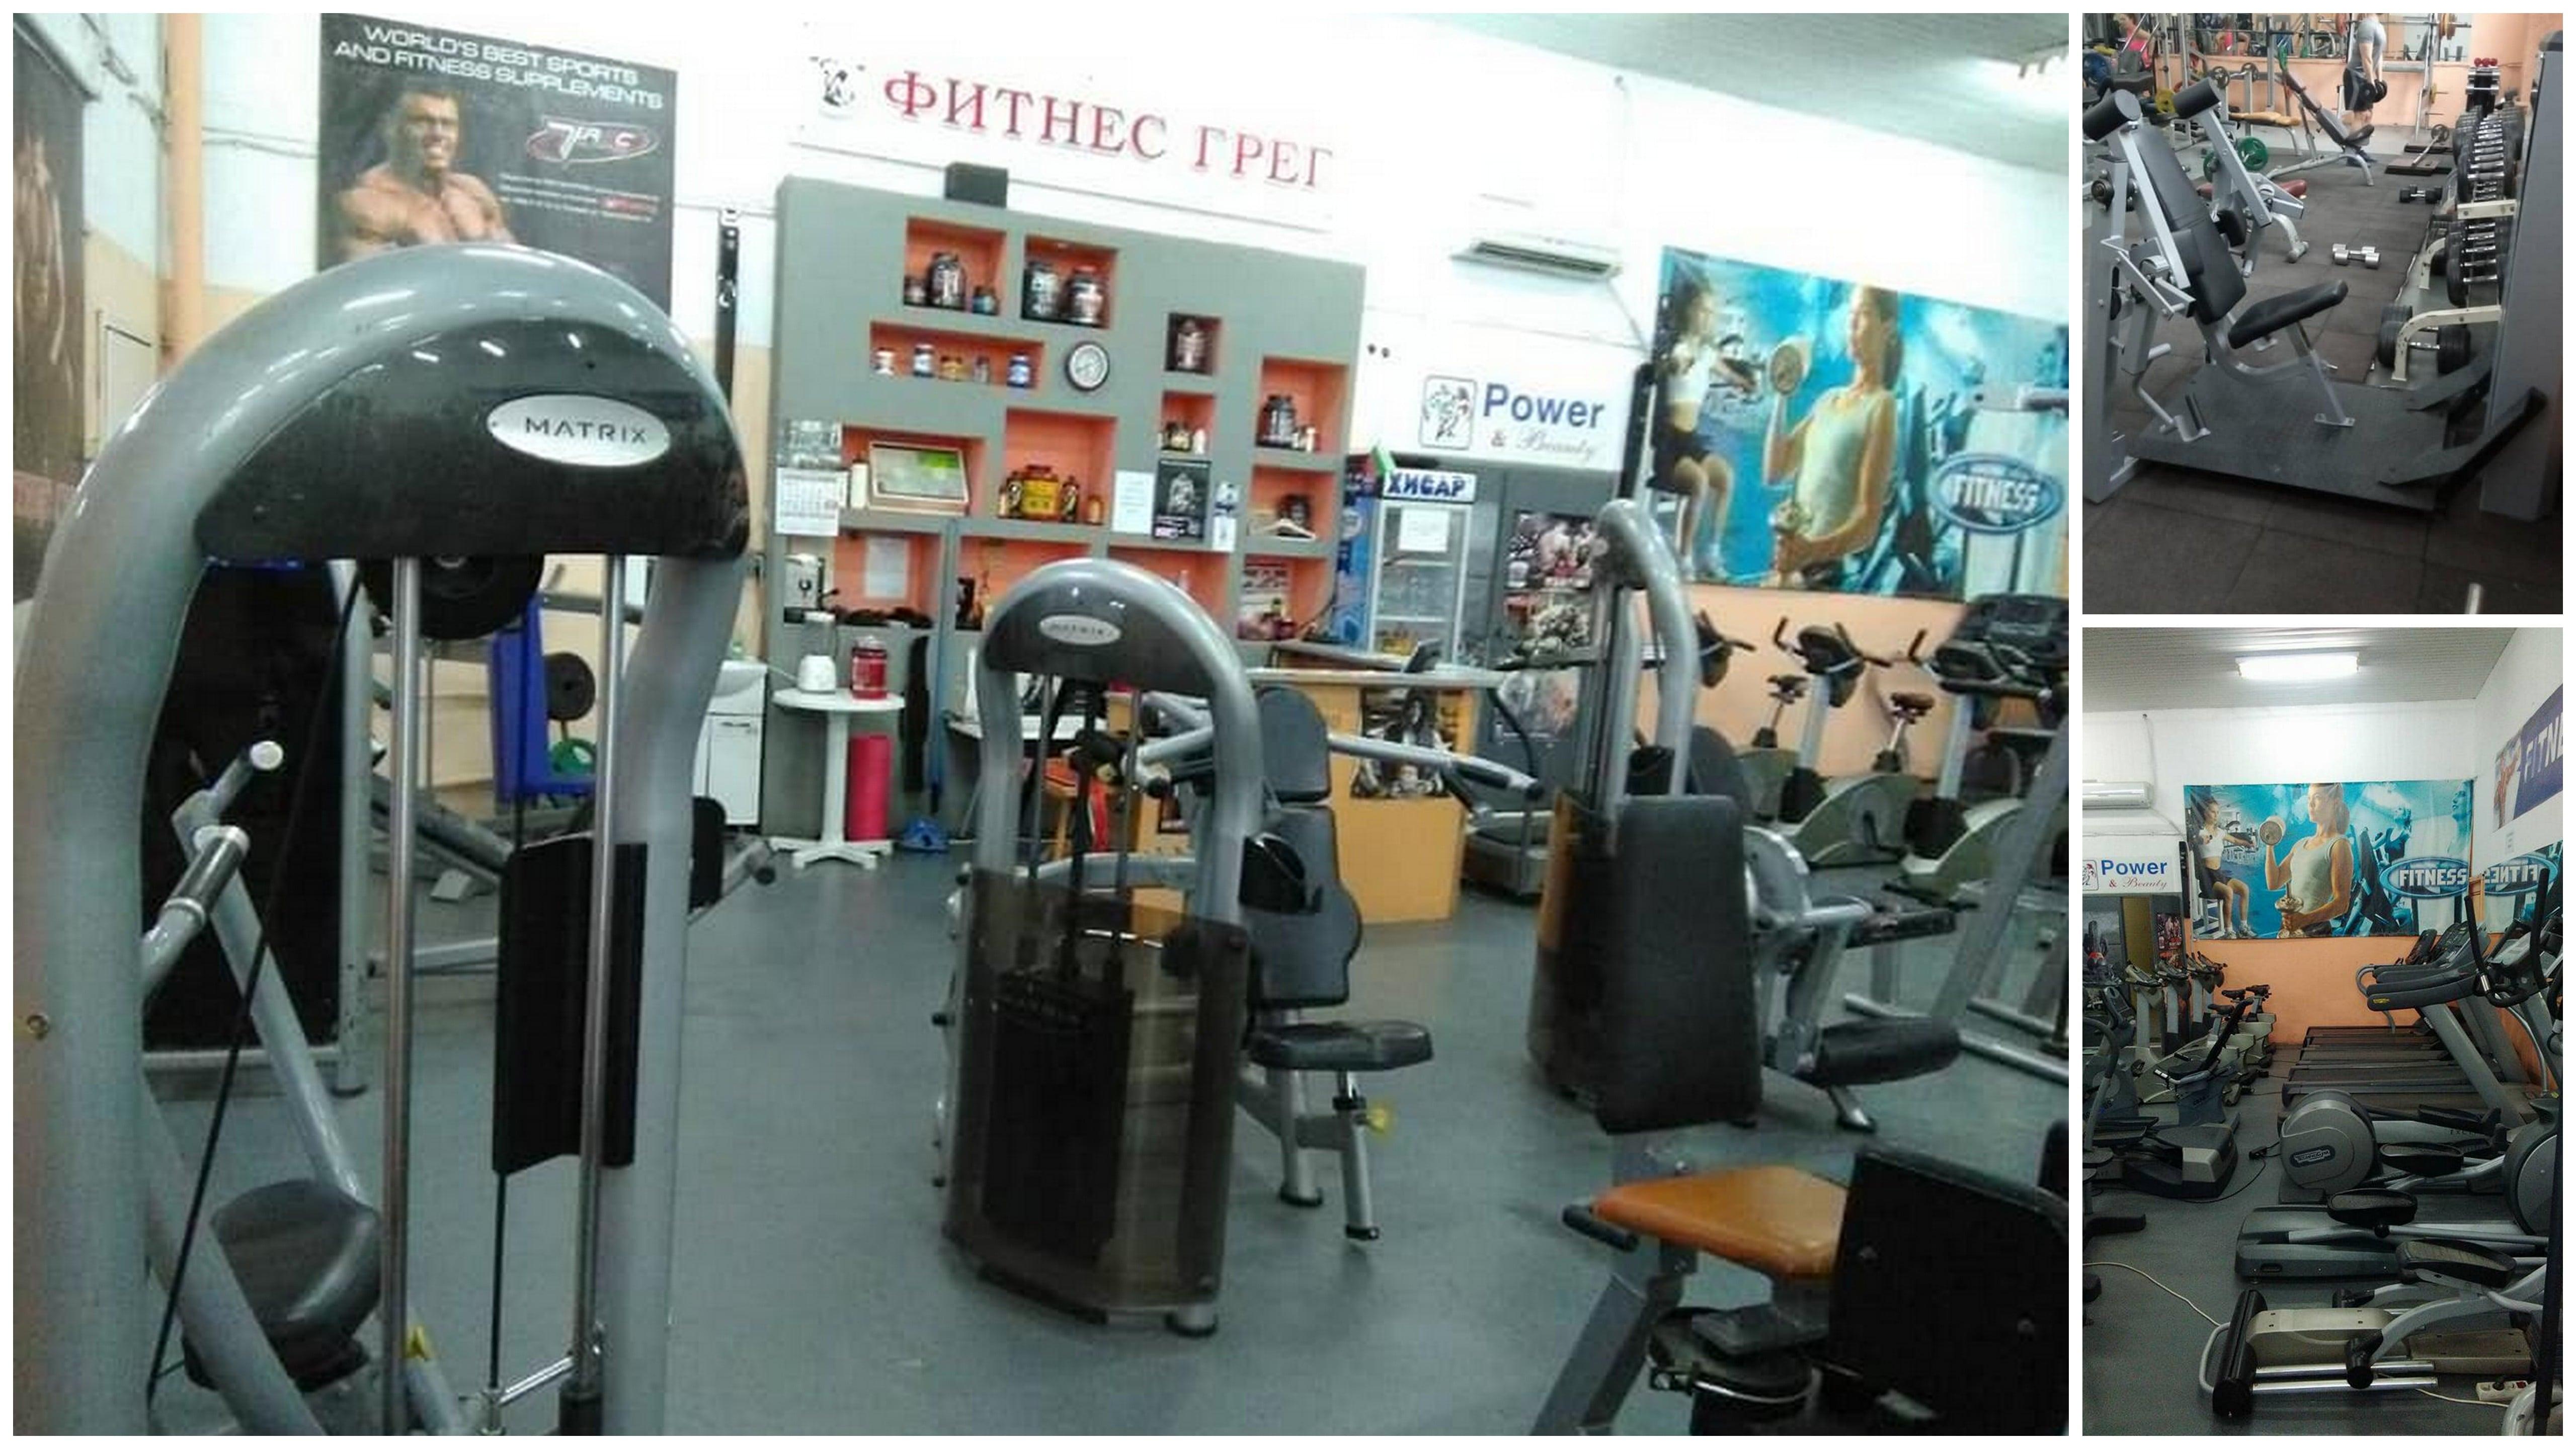 Фитнес център Грег, гр. Пловдив